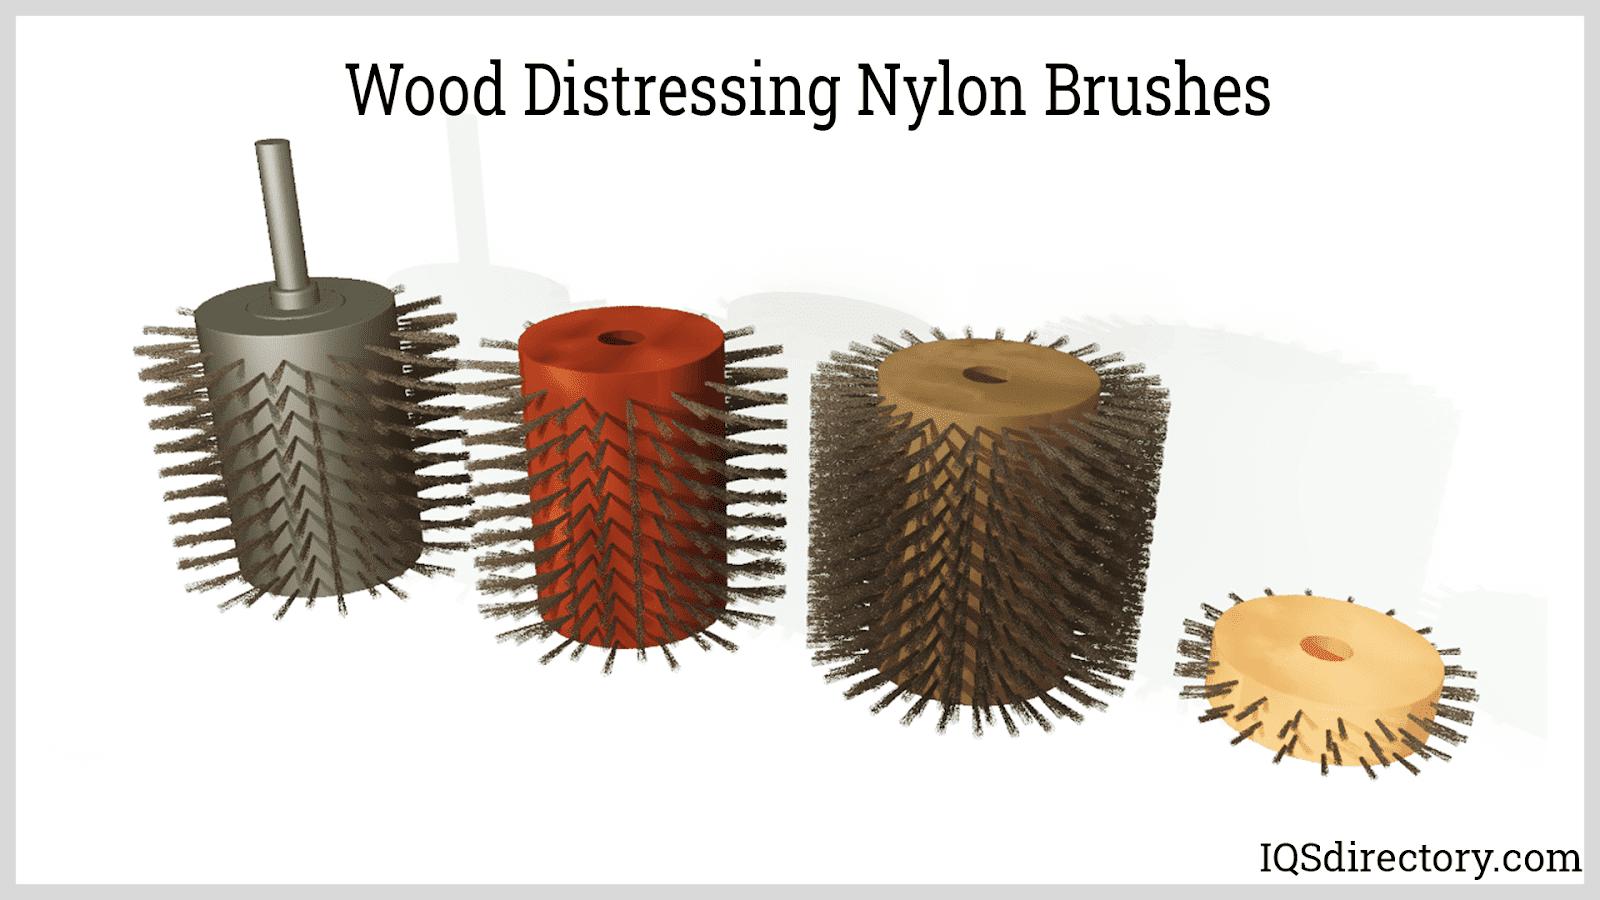 Wood Distressing Nylon Brushes